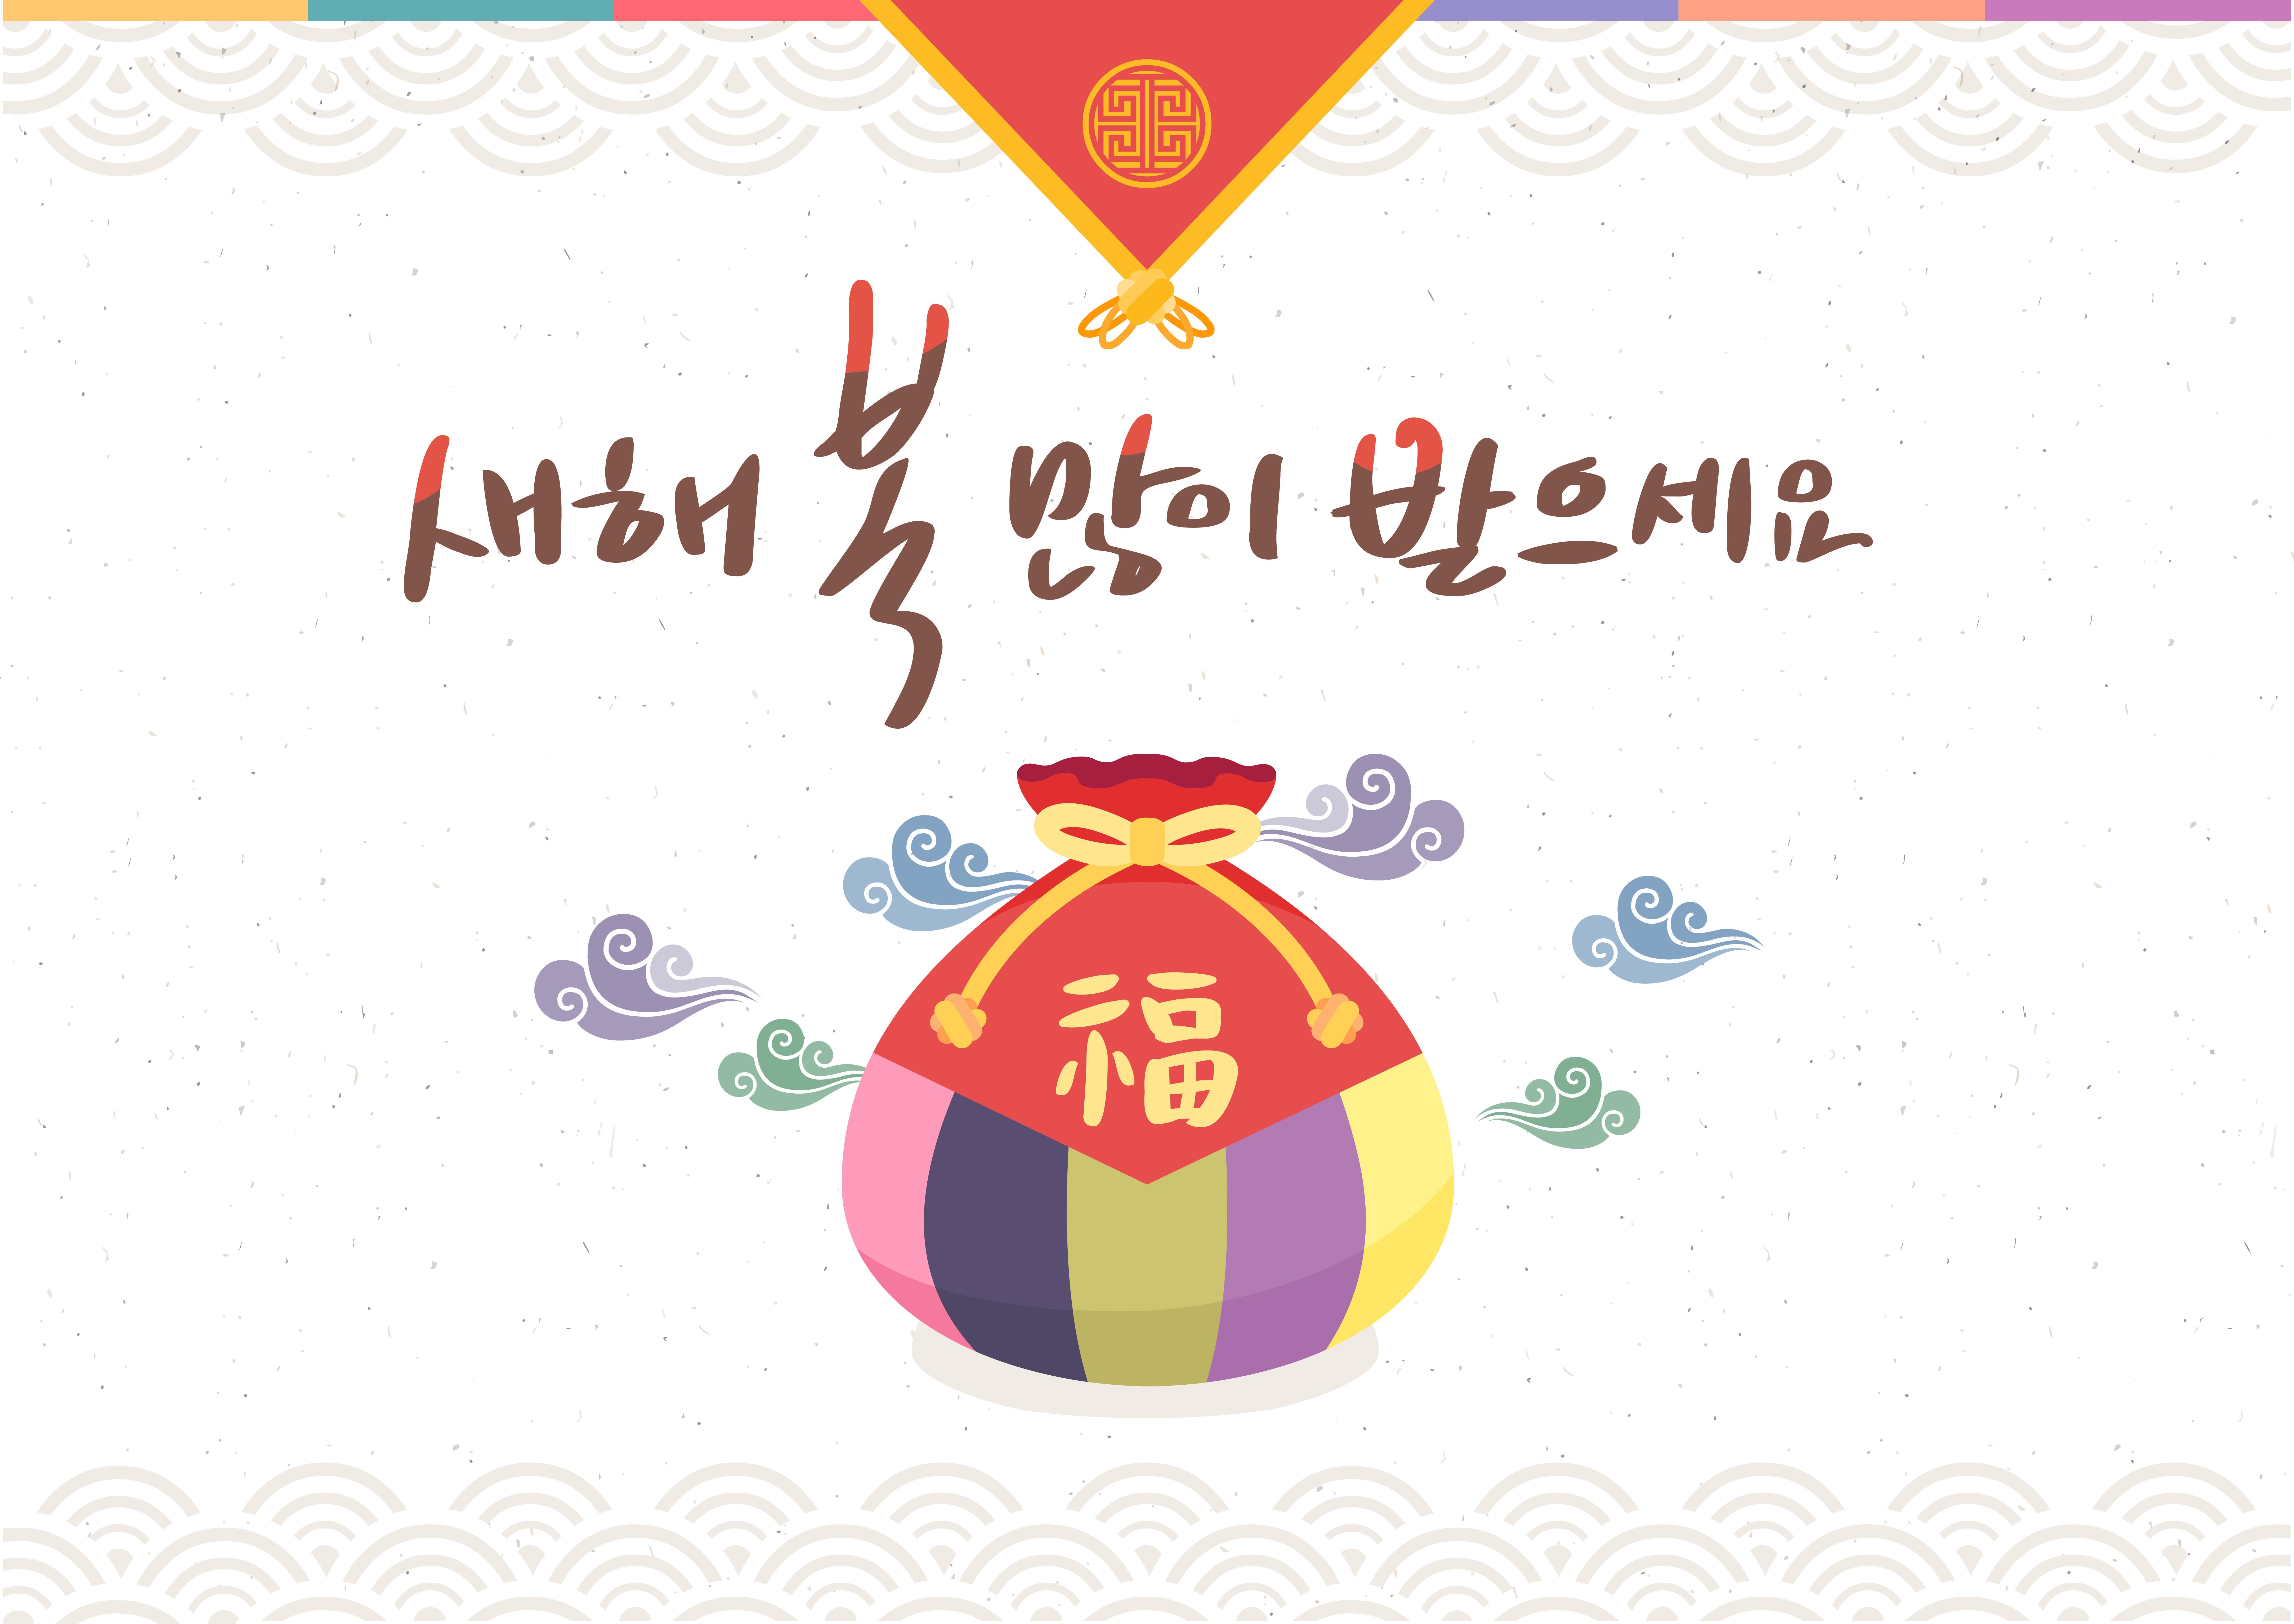 [카비 Choice] Welcome to 2018! 국내 해돋이 명소 BEST 5